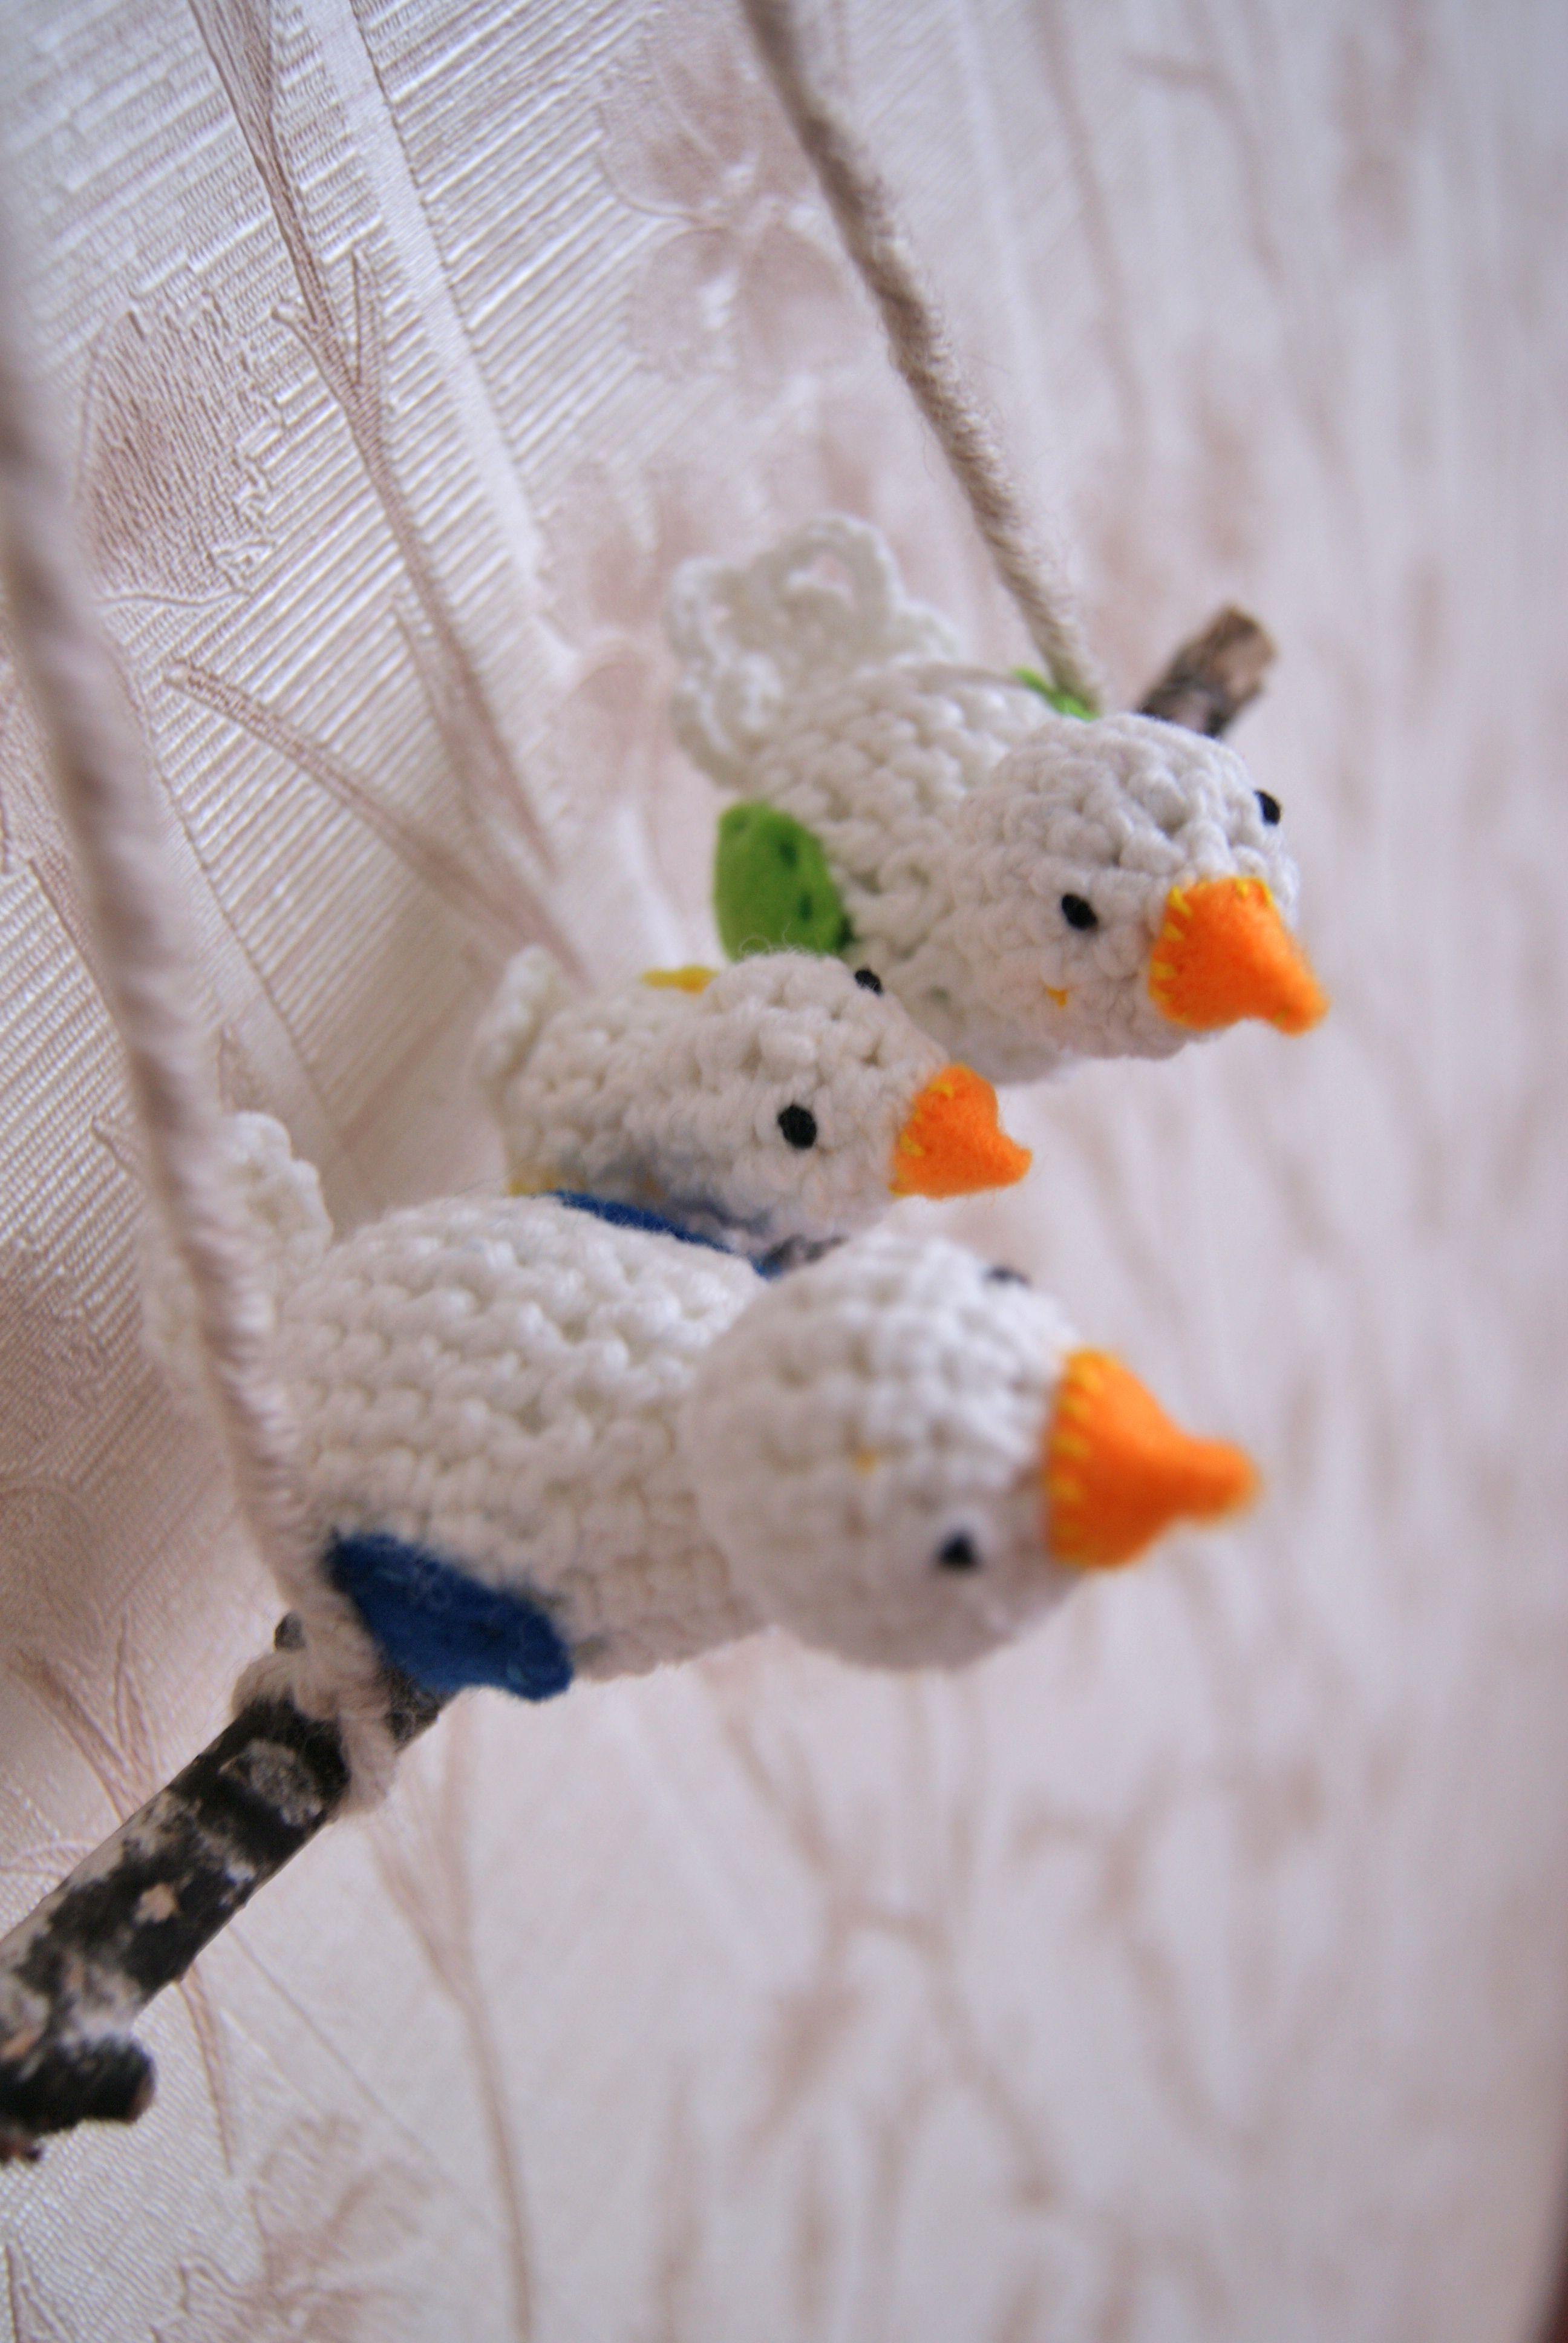 птички подарок вязание декор скворечник подарокнасвадьбу дом вязаниеназаказ